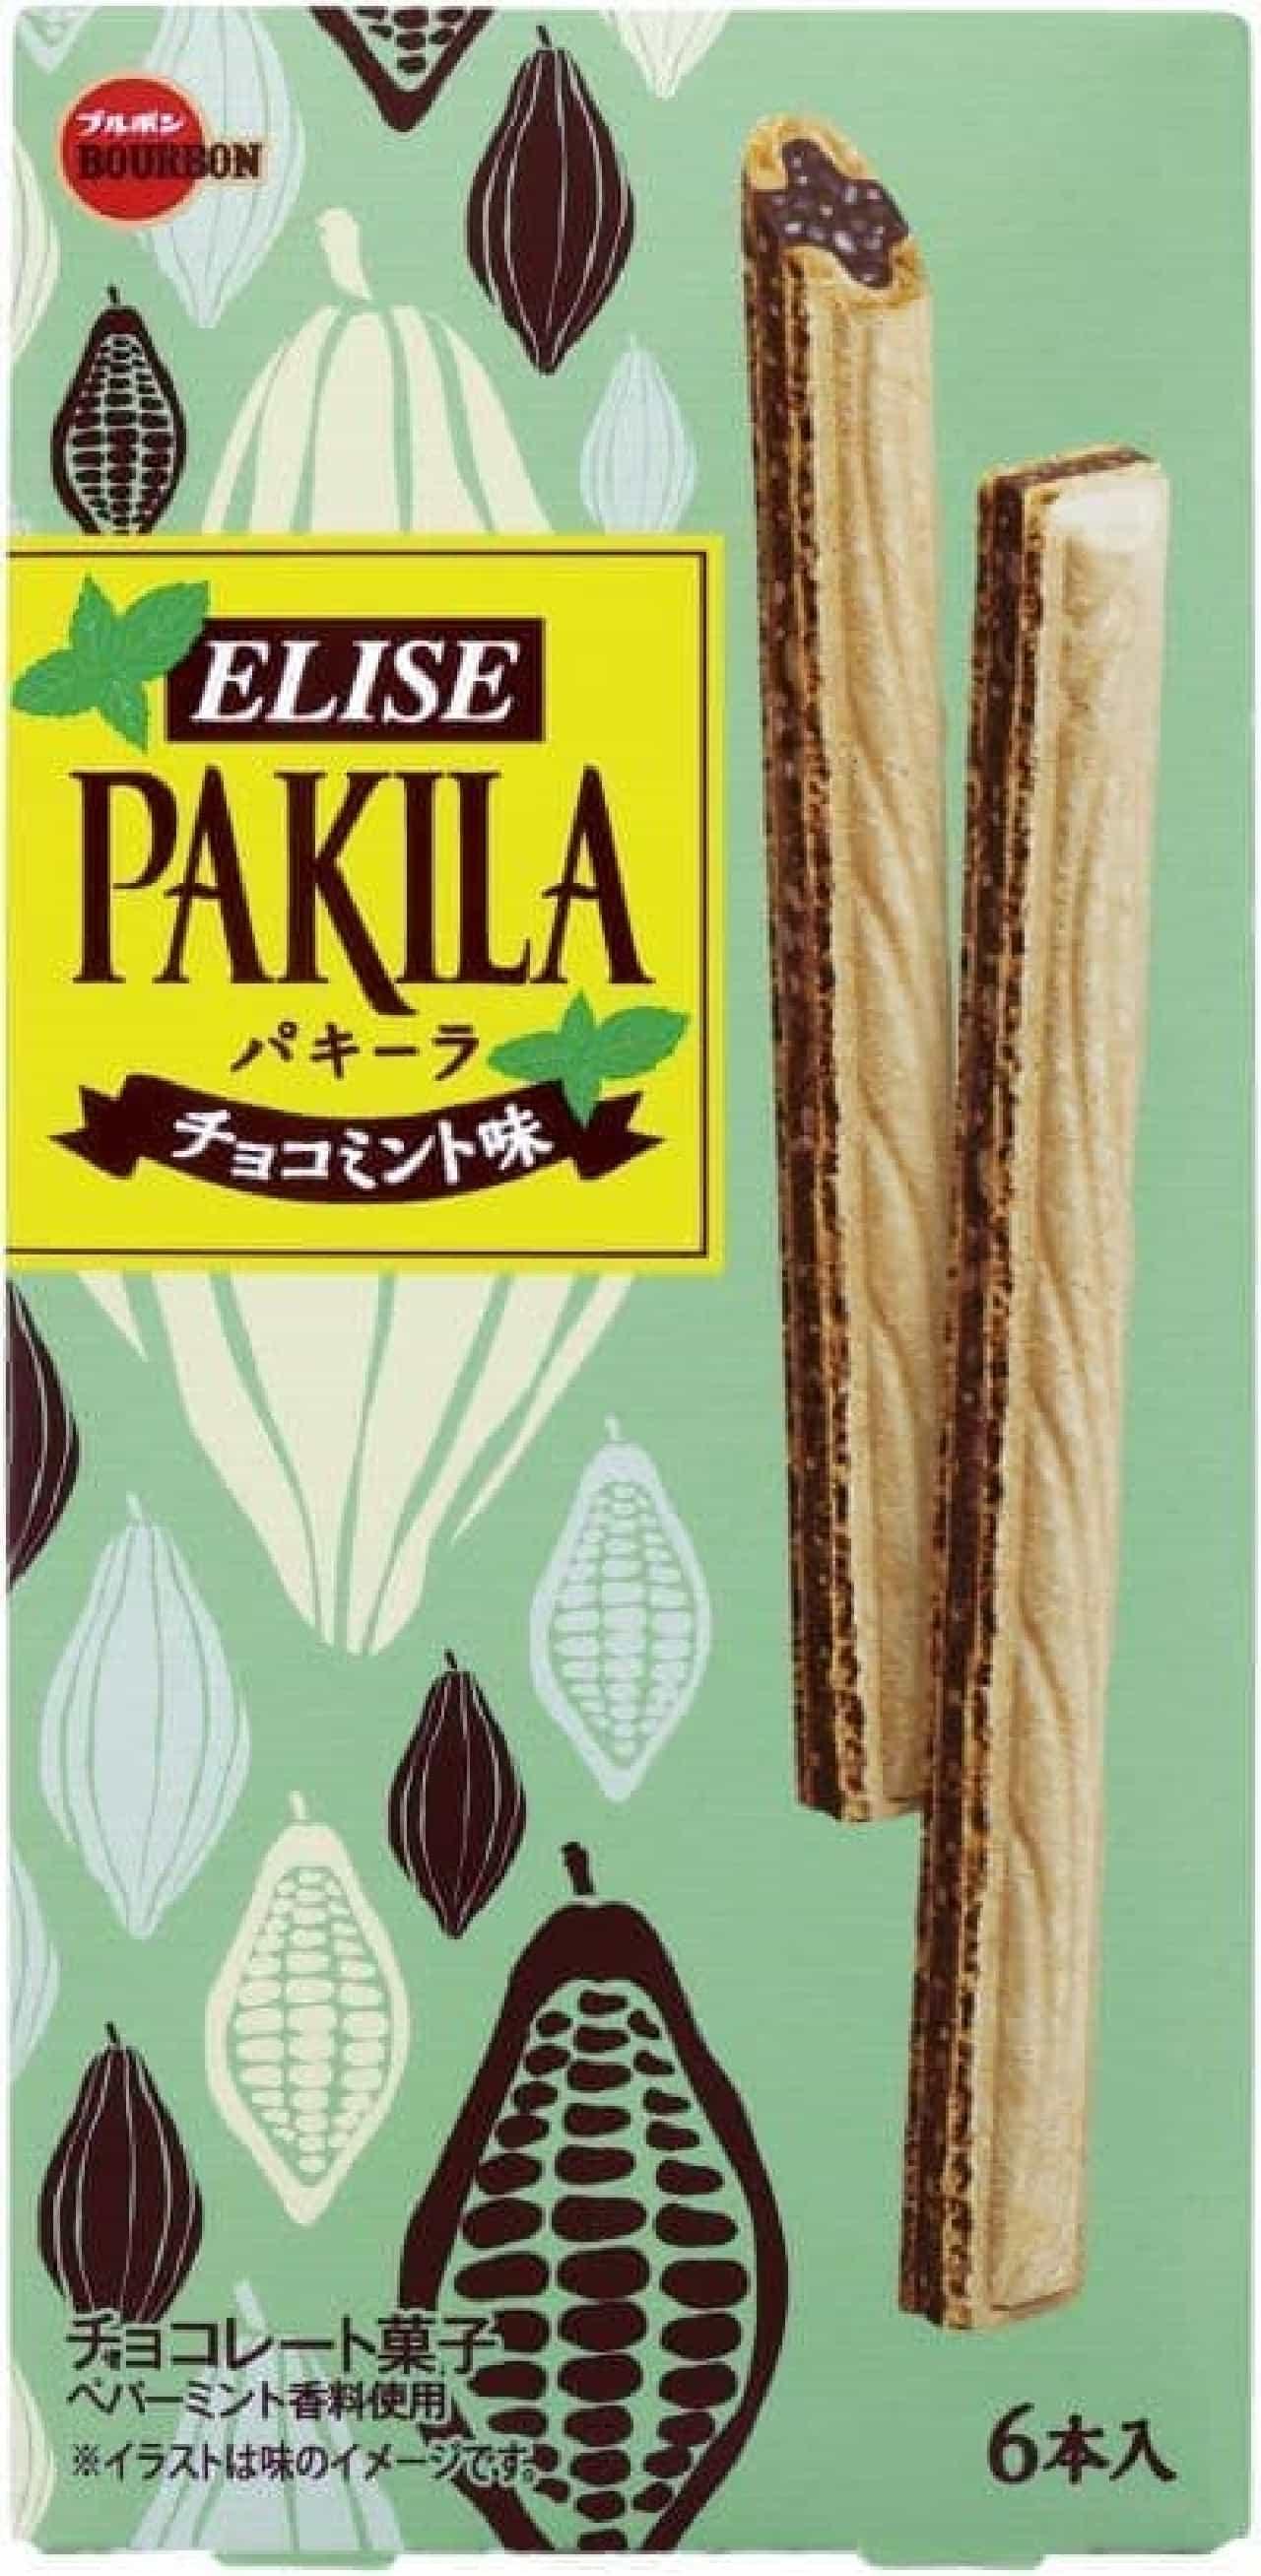 ブルボン「パキーラチョコミント味」